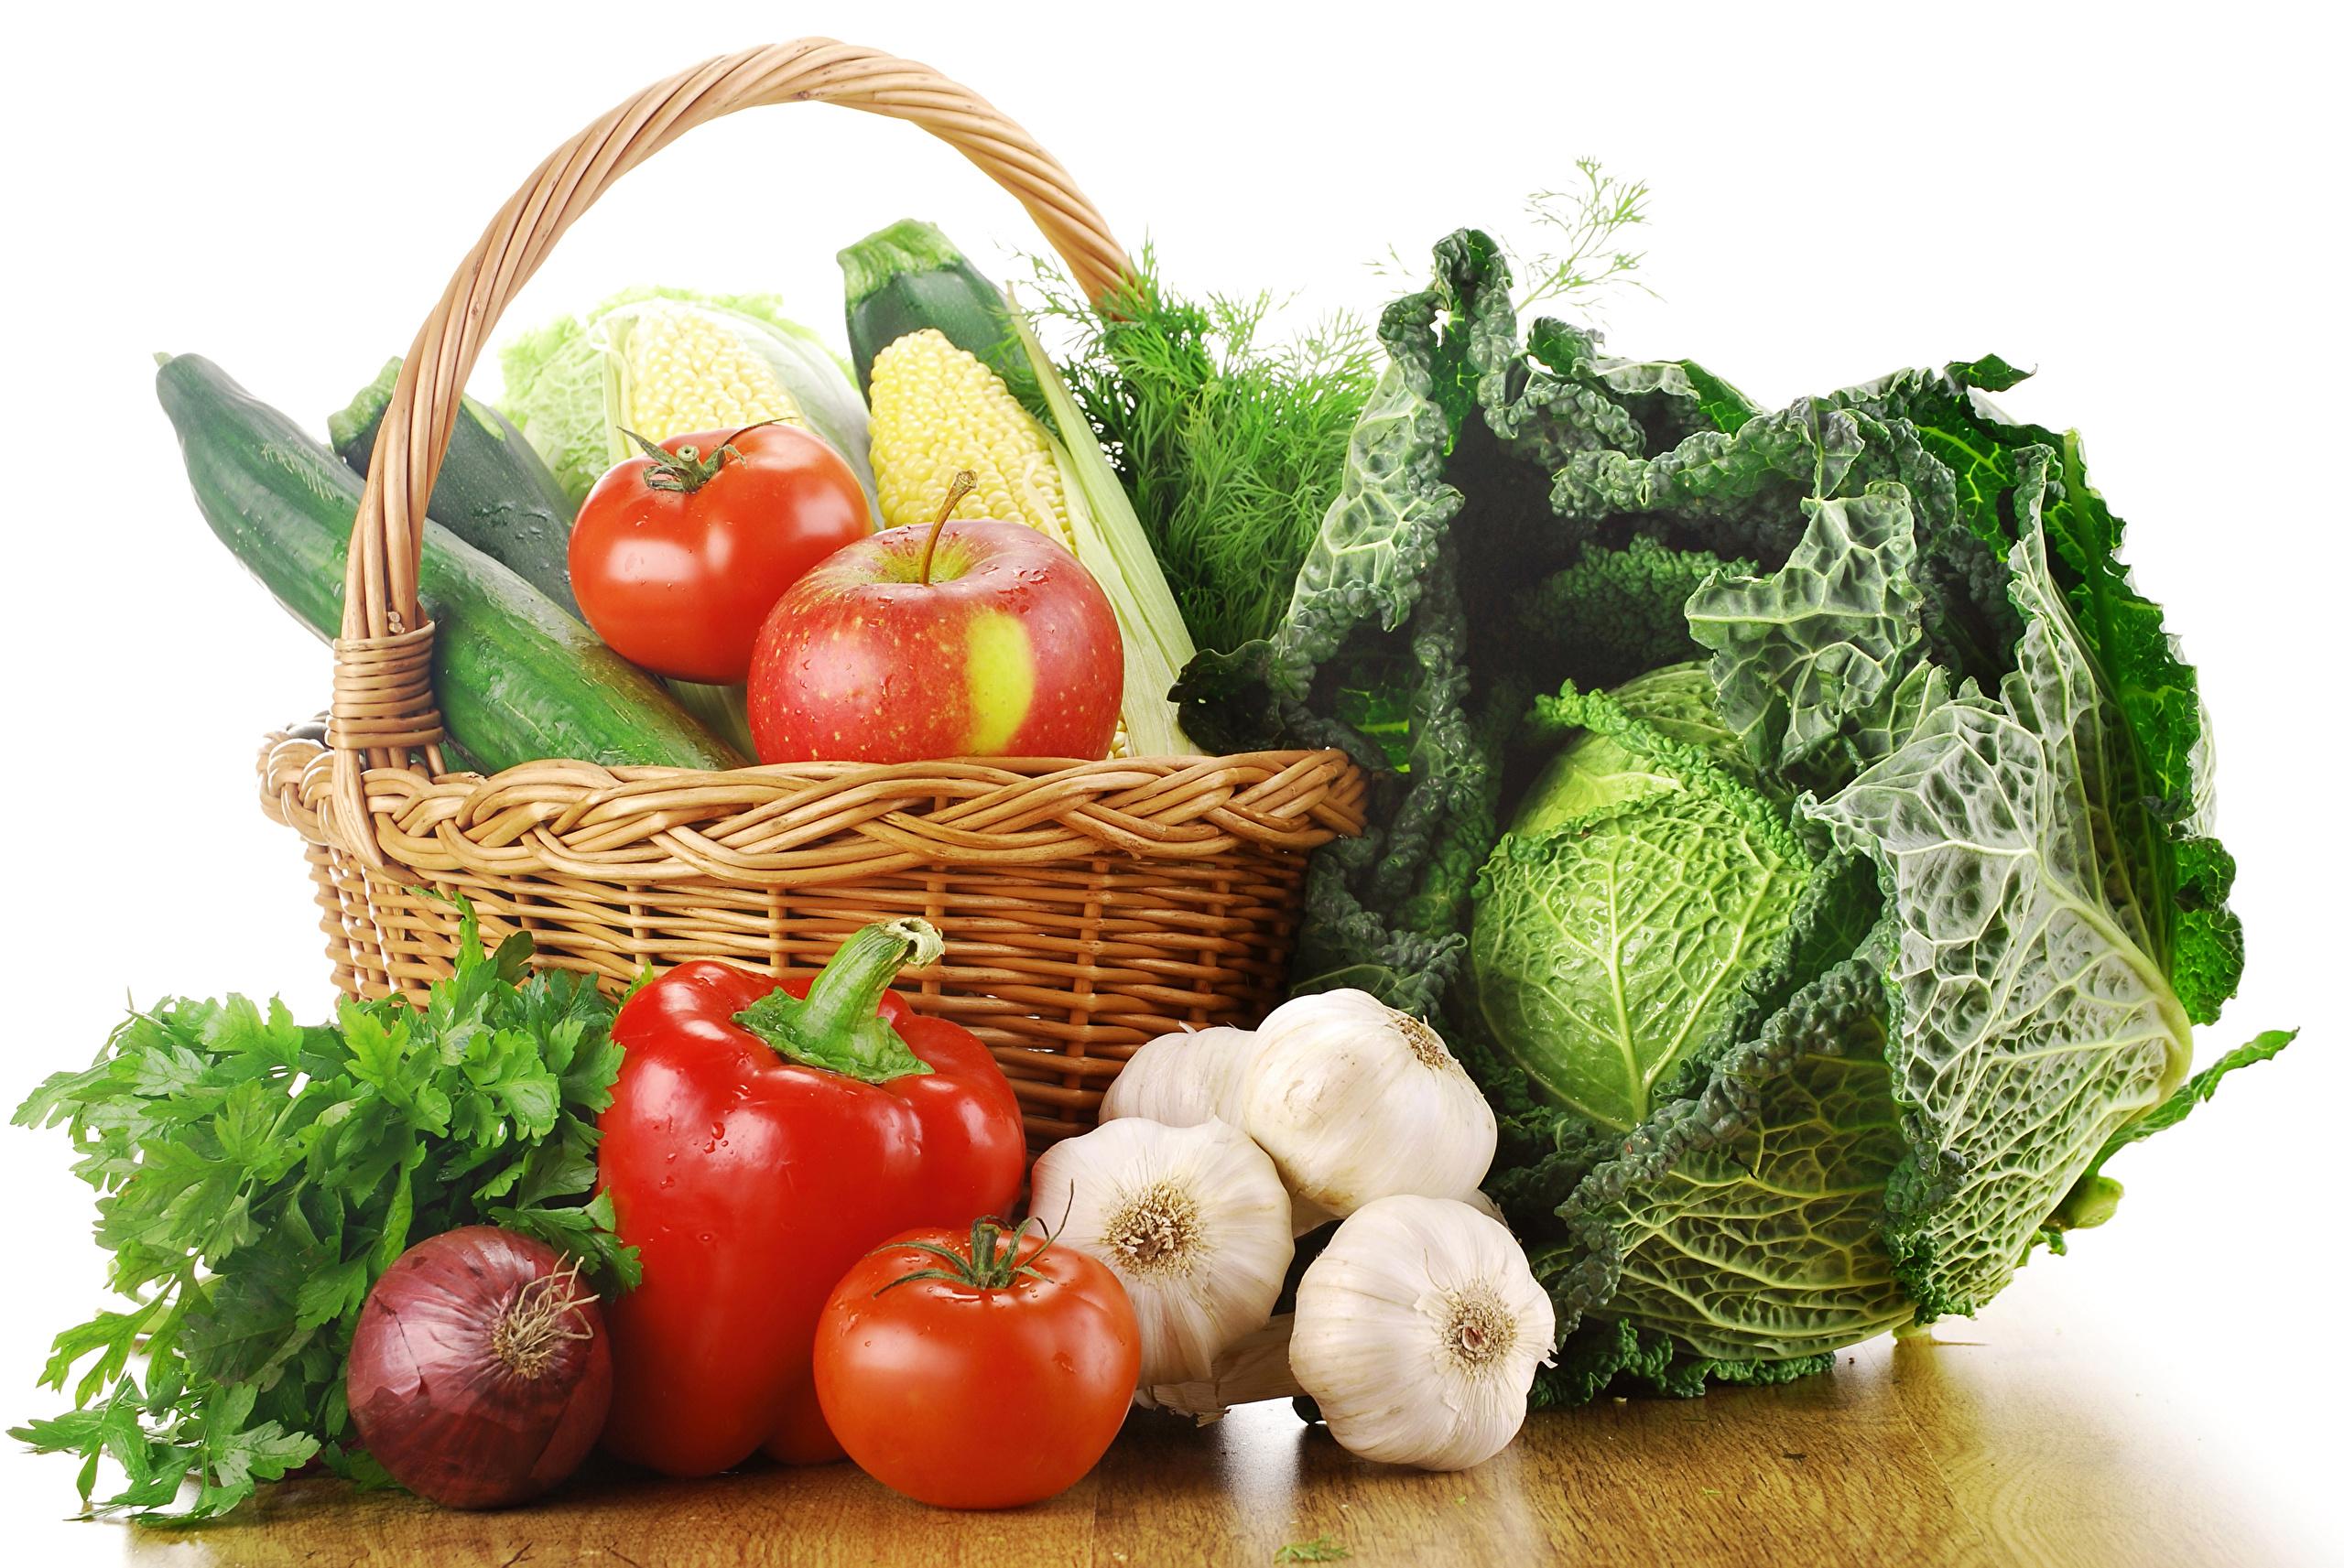 Fotos Kohl Tomate Zwiebel Äpfel Knoblauch Weidenkorb Gemüse Peperone Lebensmittel Weißer hintergrund 2560x1713